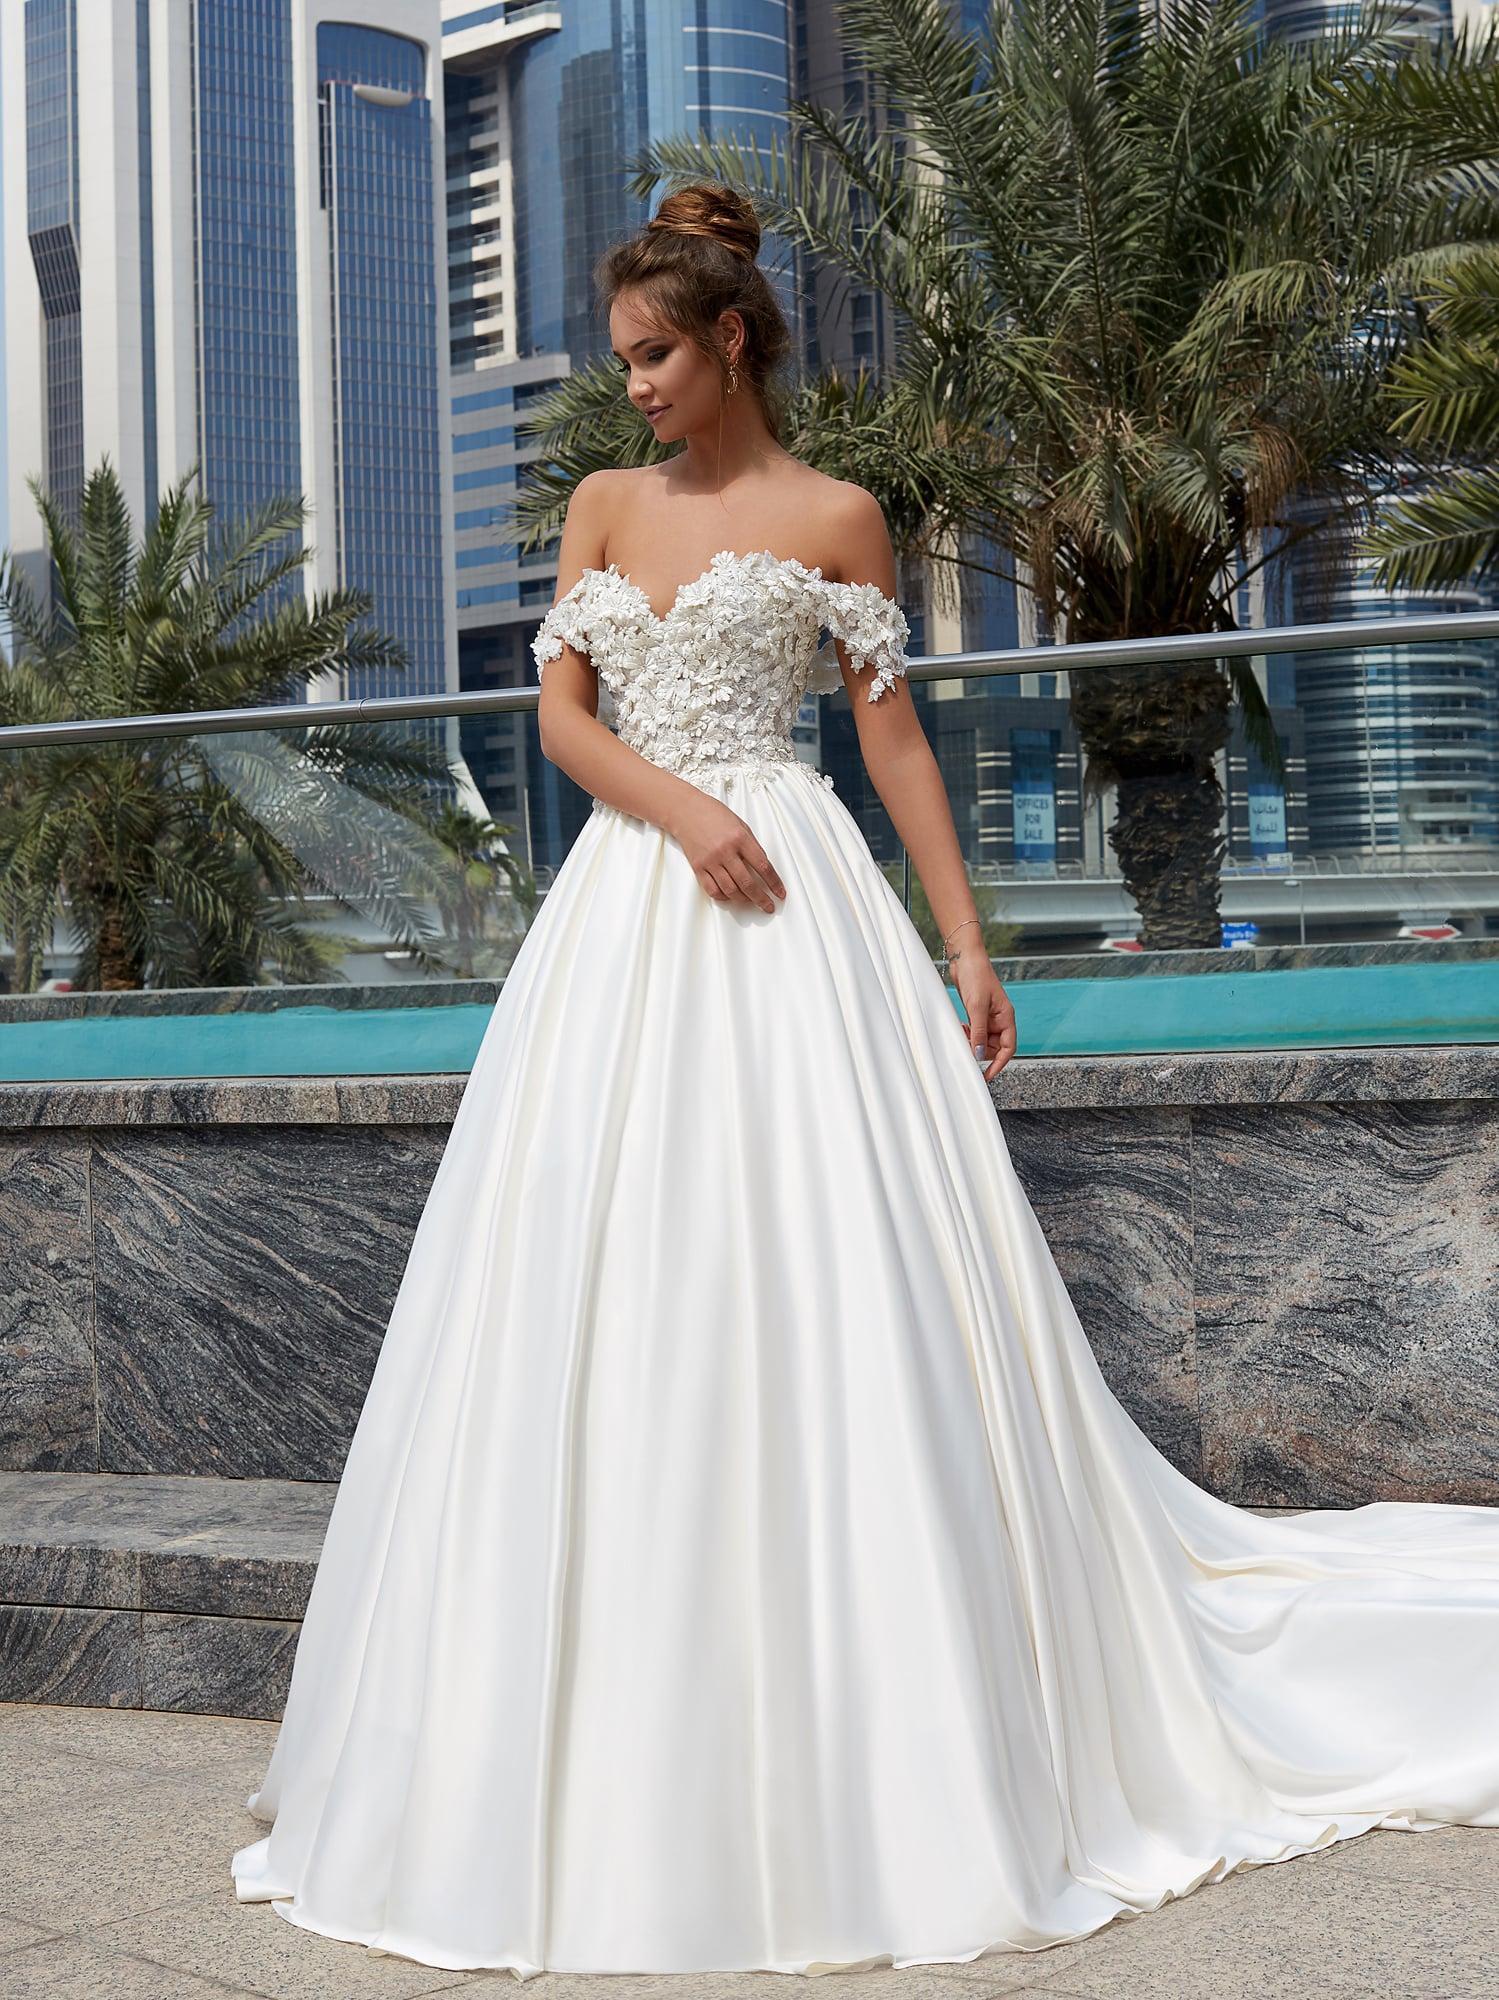 Atlasnoje_svadebnoe_platie (60)